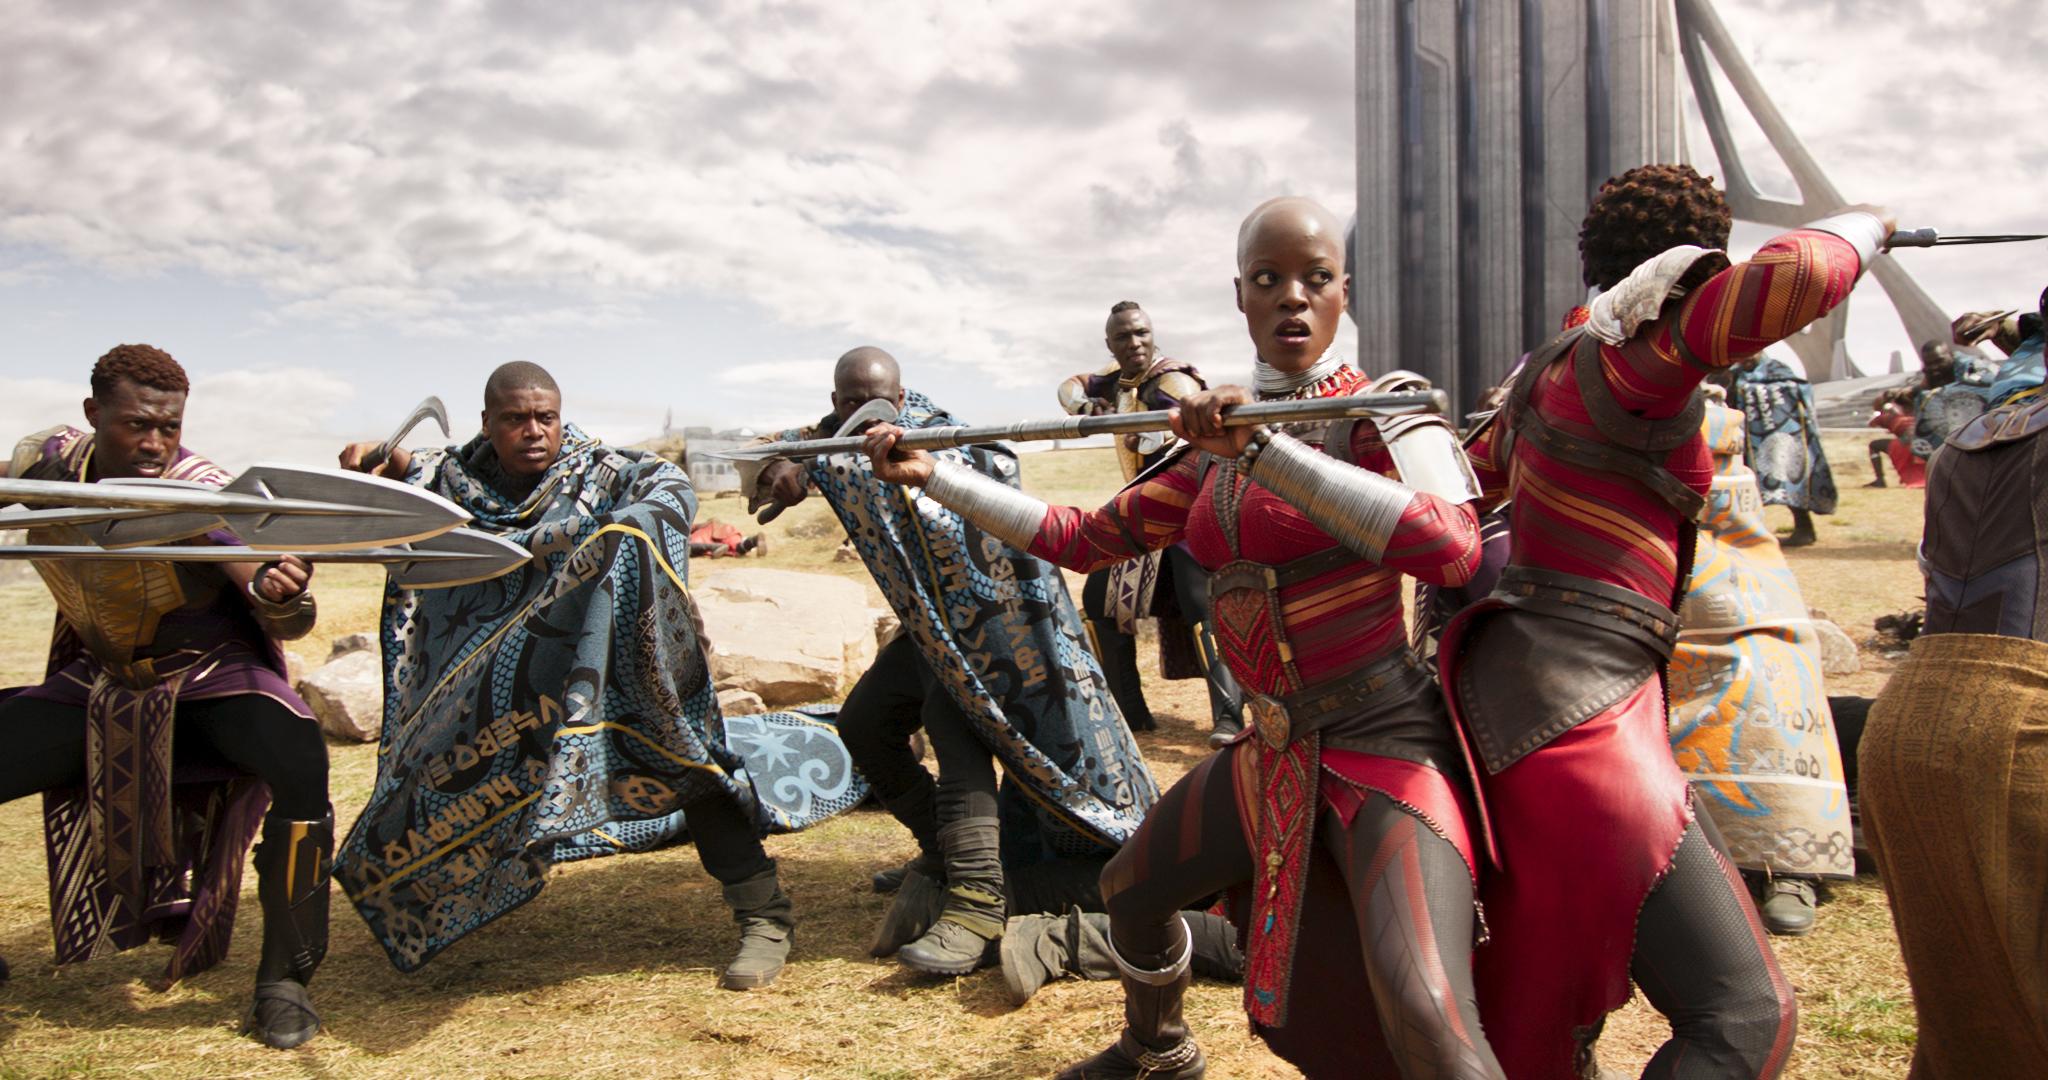 Lupita Nyong'o and Danai Gurira, Lupita Nyong'o and Danai Gurira, Female Cast of Black Panther, Lupita and Danai Black Panther Interviews, Black Panther